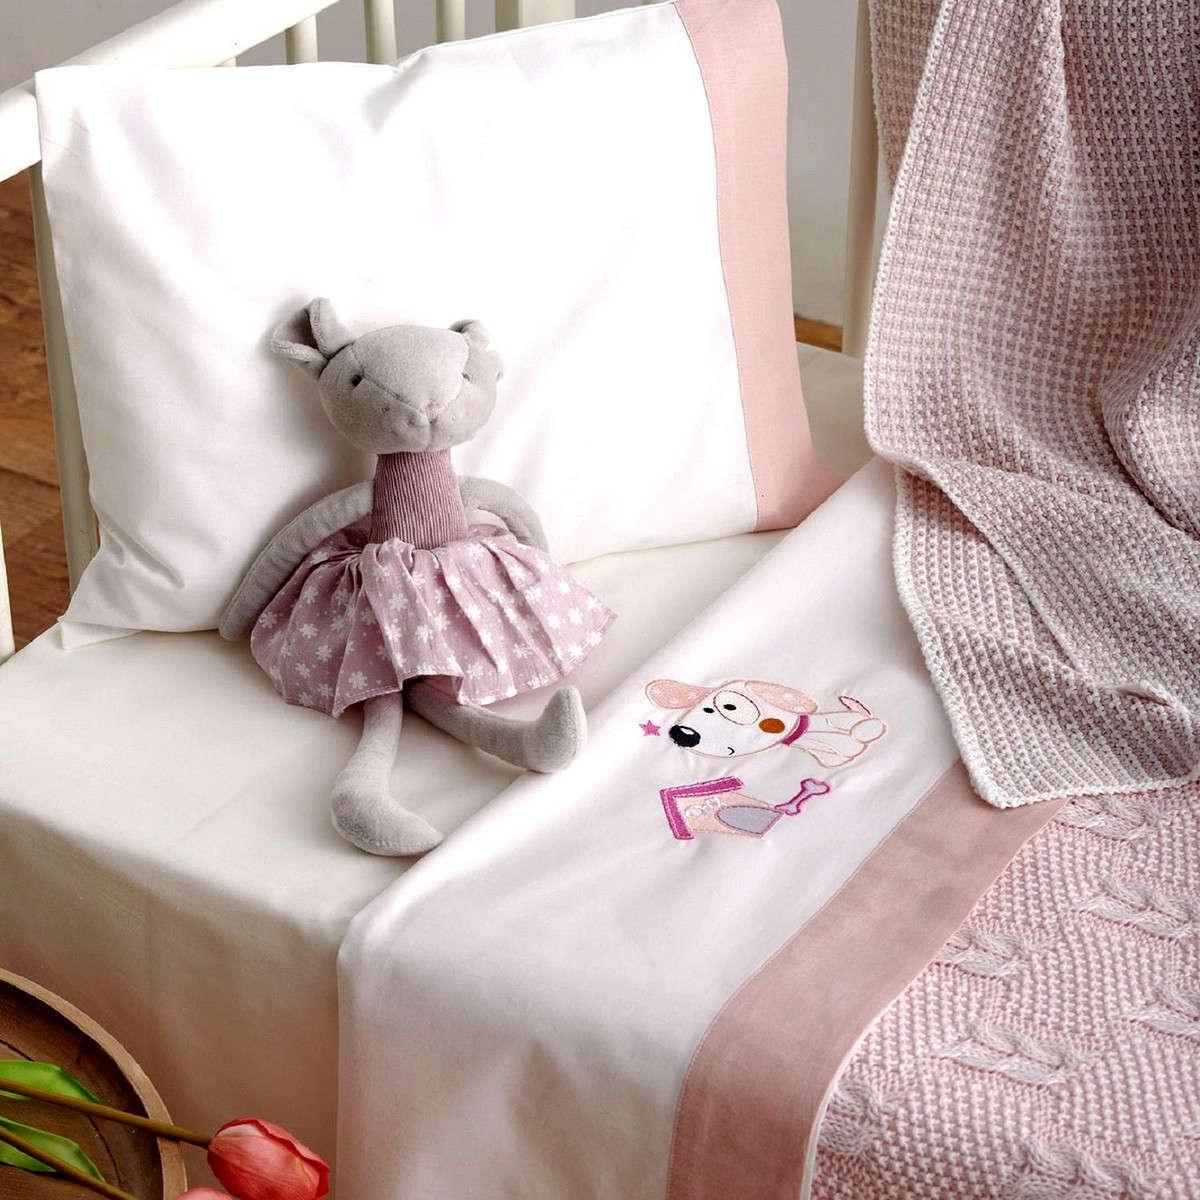 Σεντόνια Σετ 3τμχ Βρεφικά Με Κέντημα Puppy Pink Sb Home Κούνιας 120x160cm